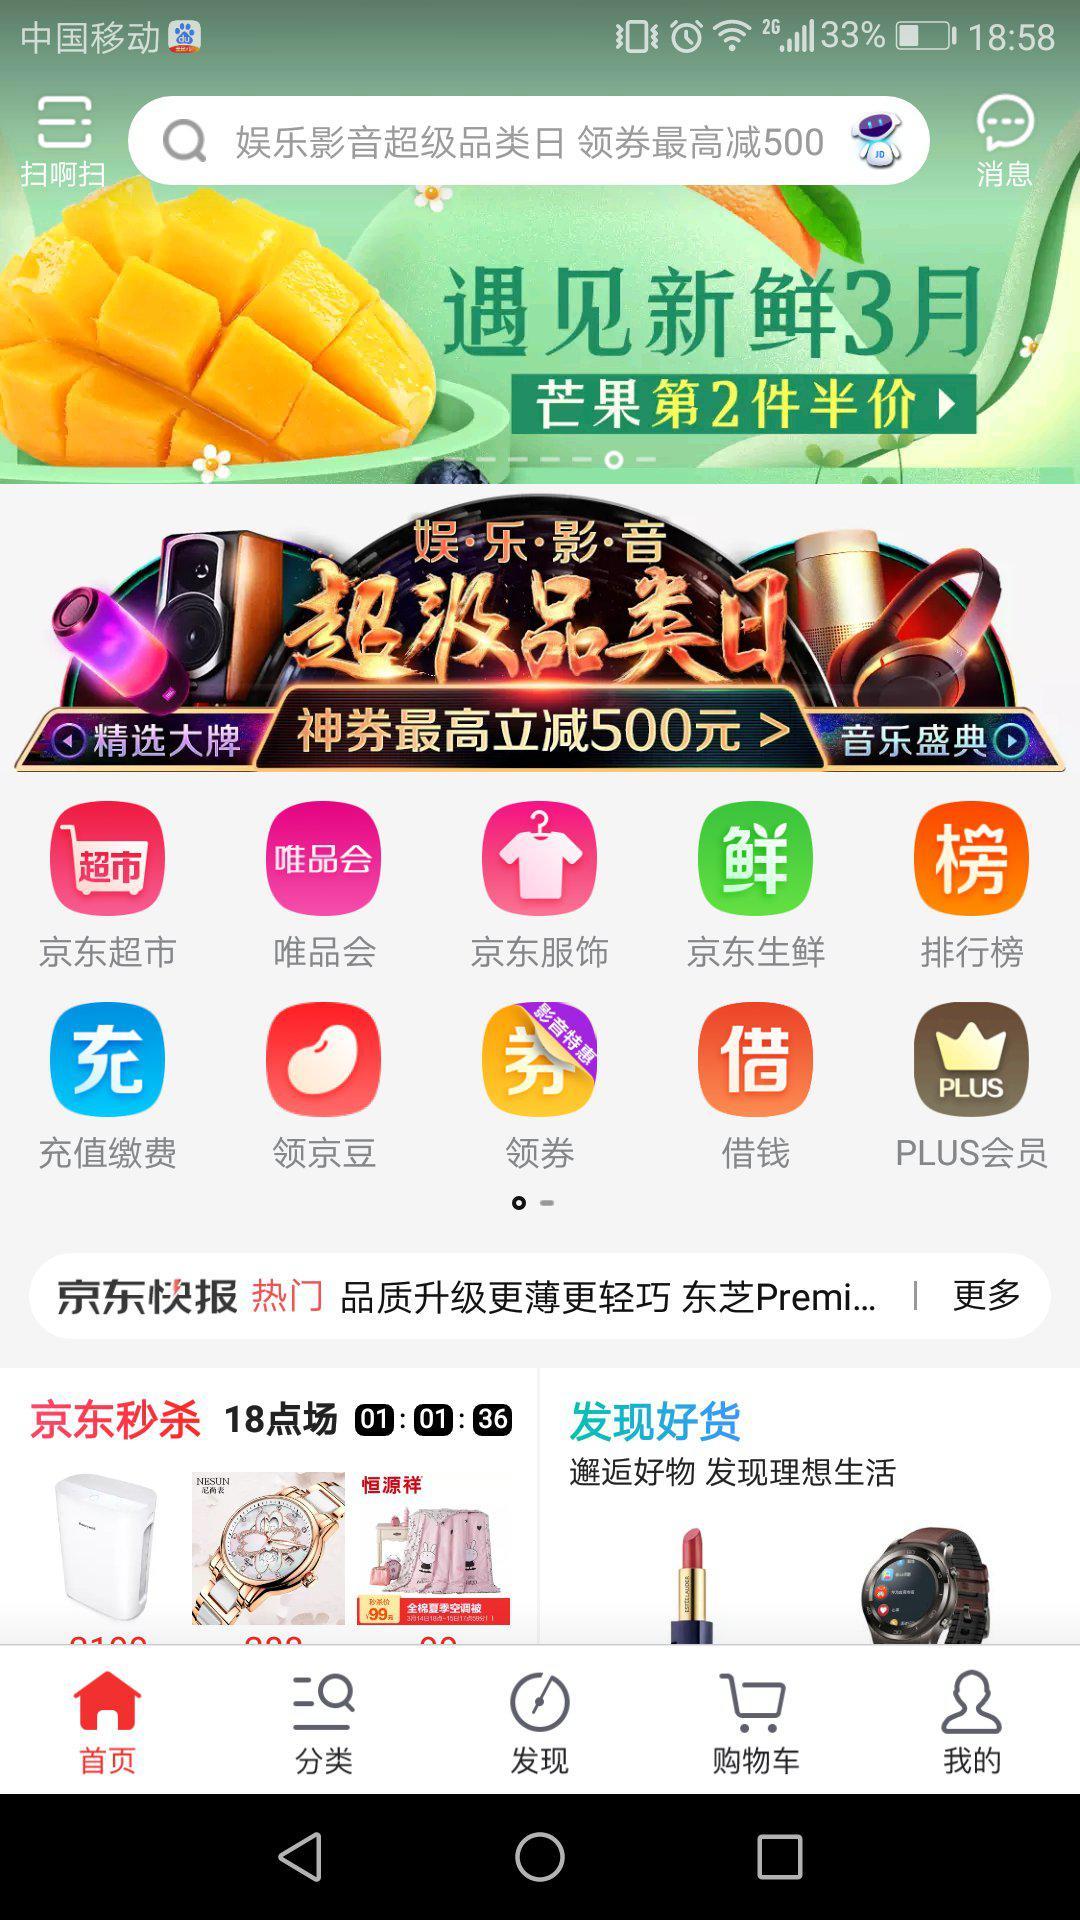 唯品会:已在京东App首页一级入口全量展示